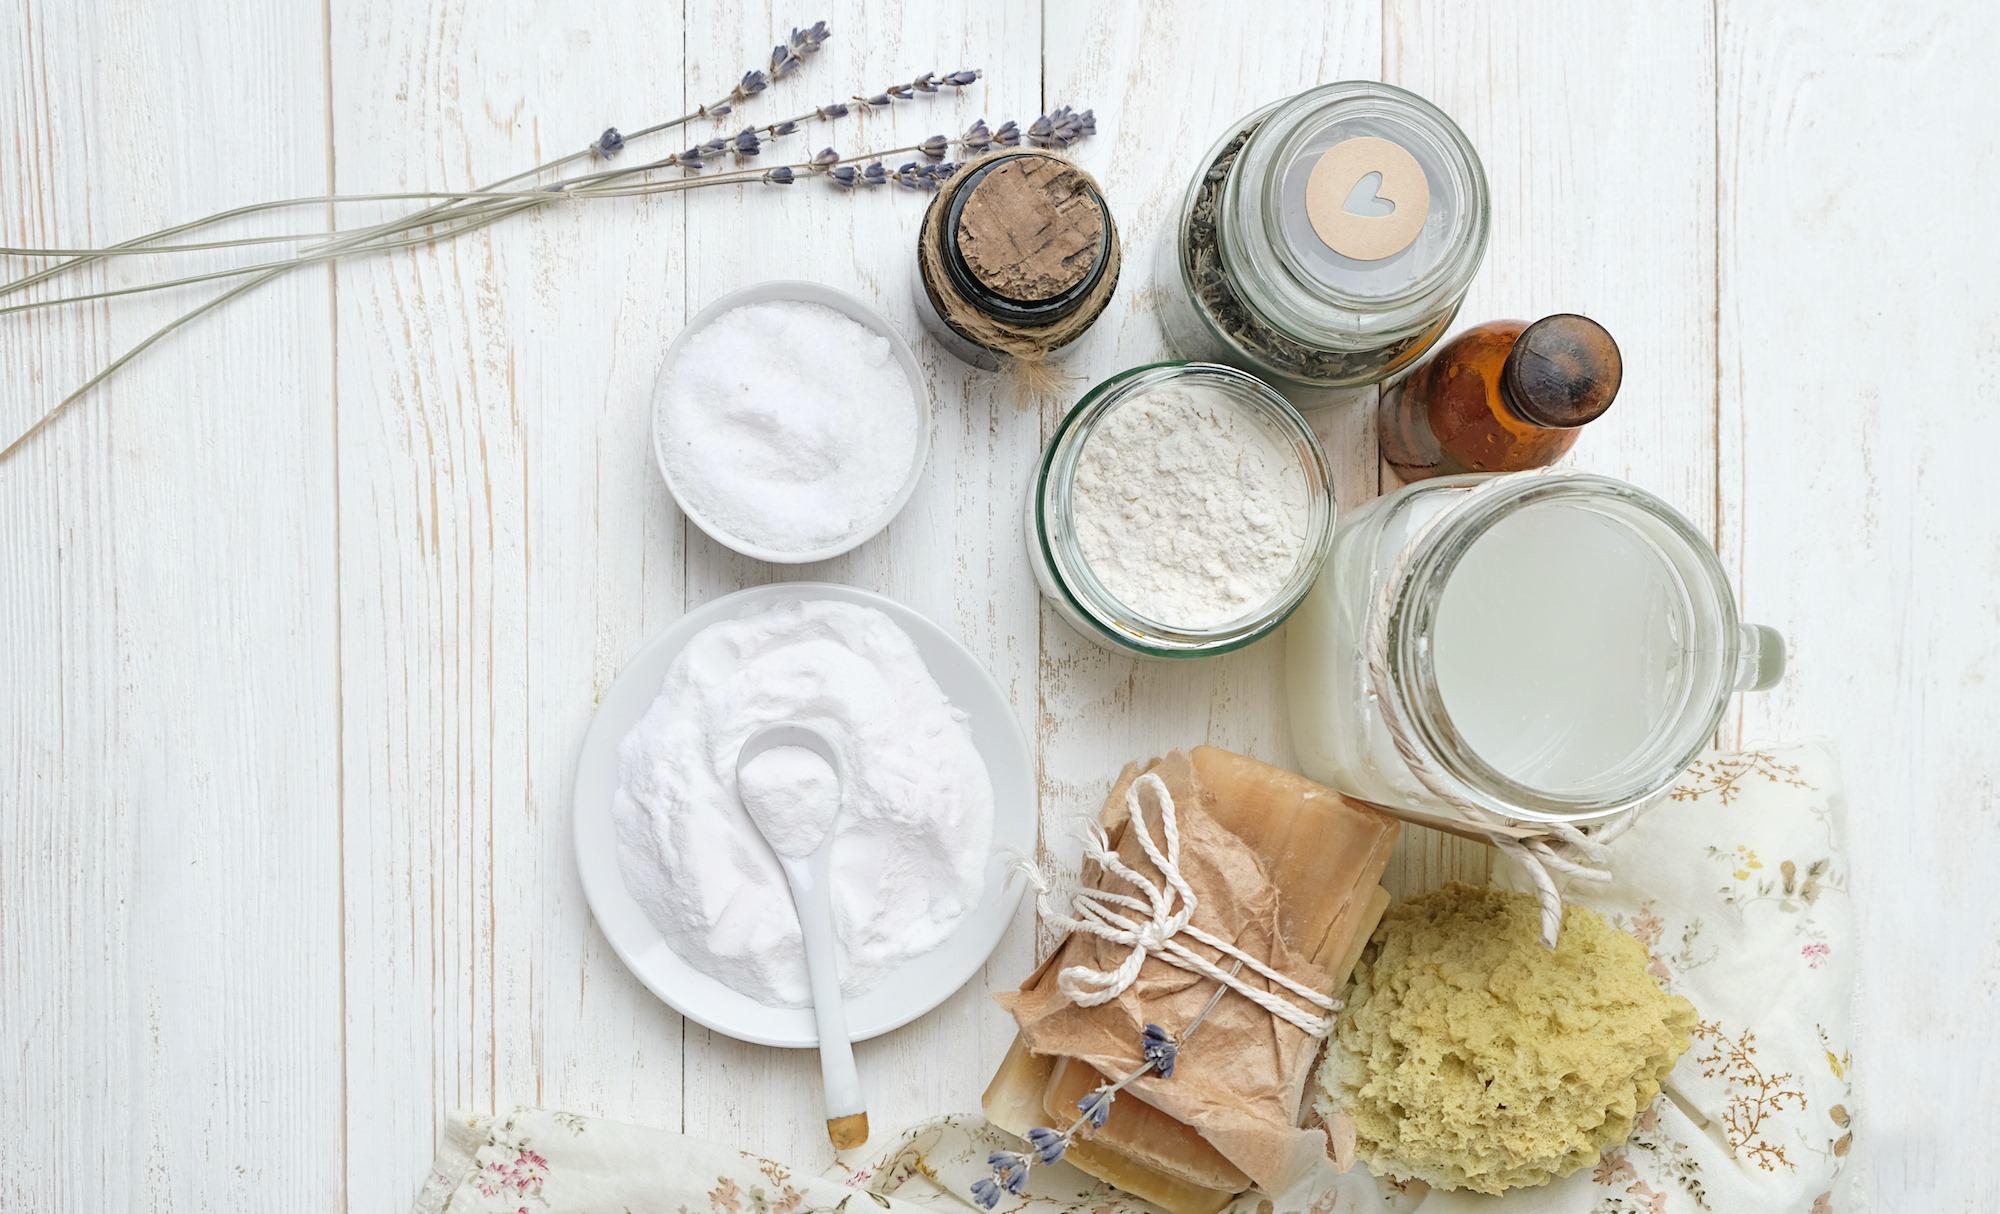 Ingrédients pour fabriquer soi-même ses produits d'entretien